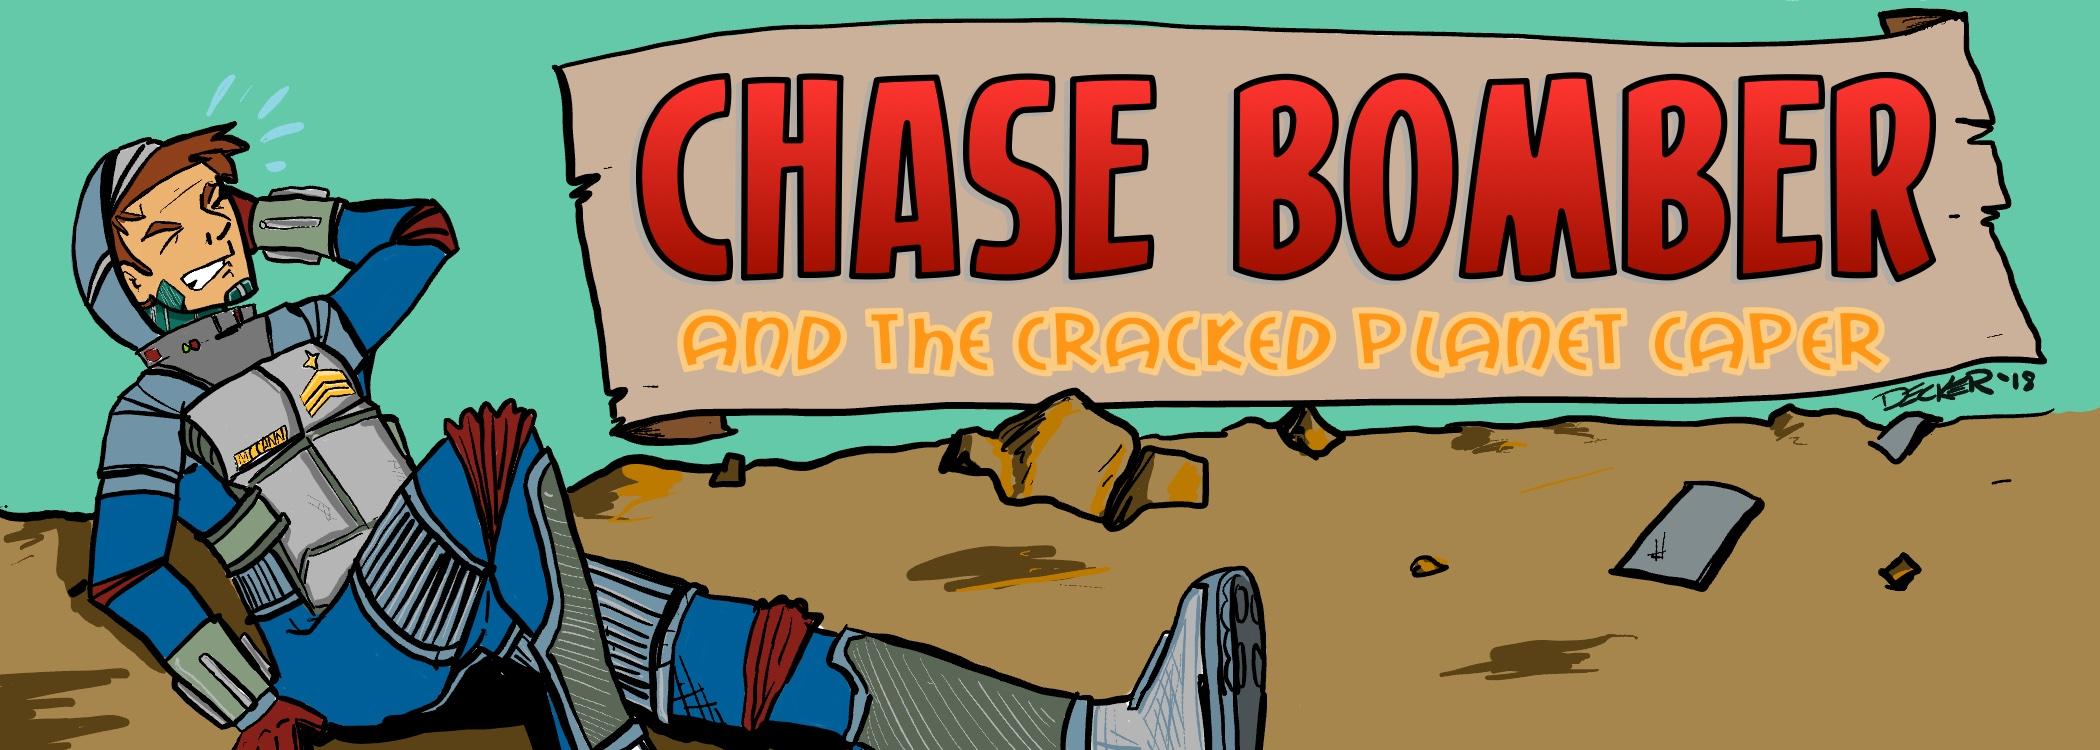 Chase-Bomber-001.JPG